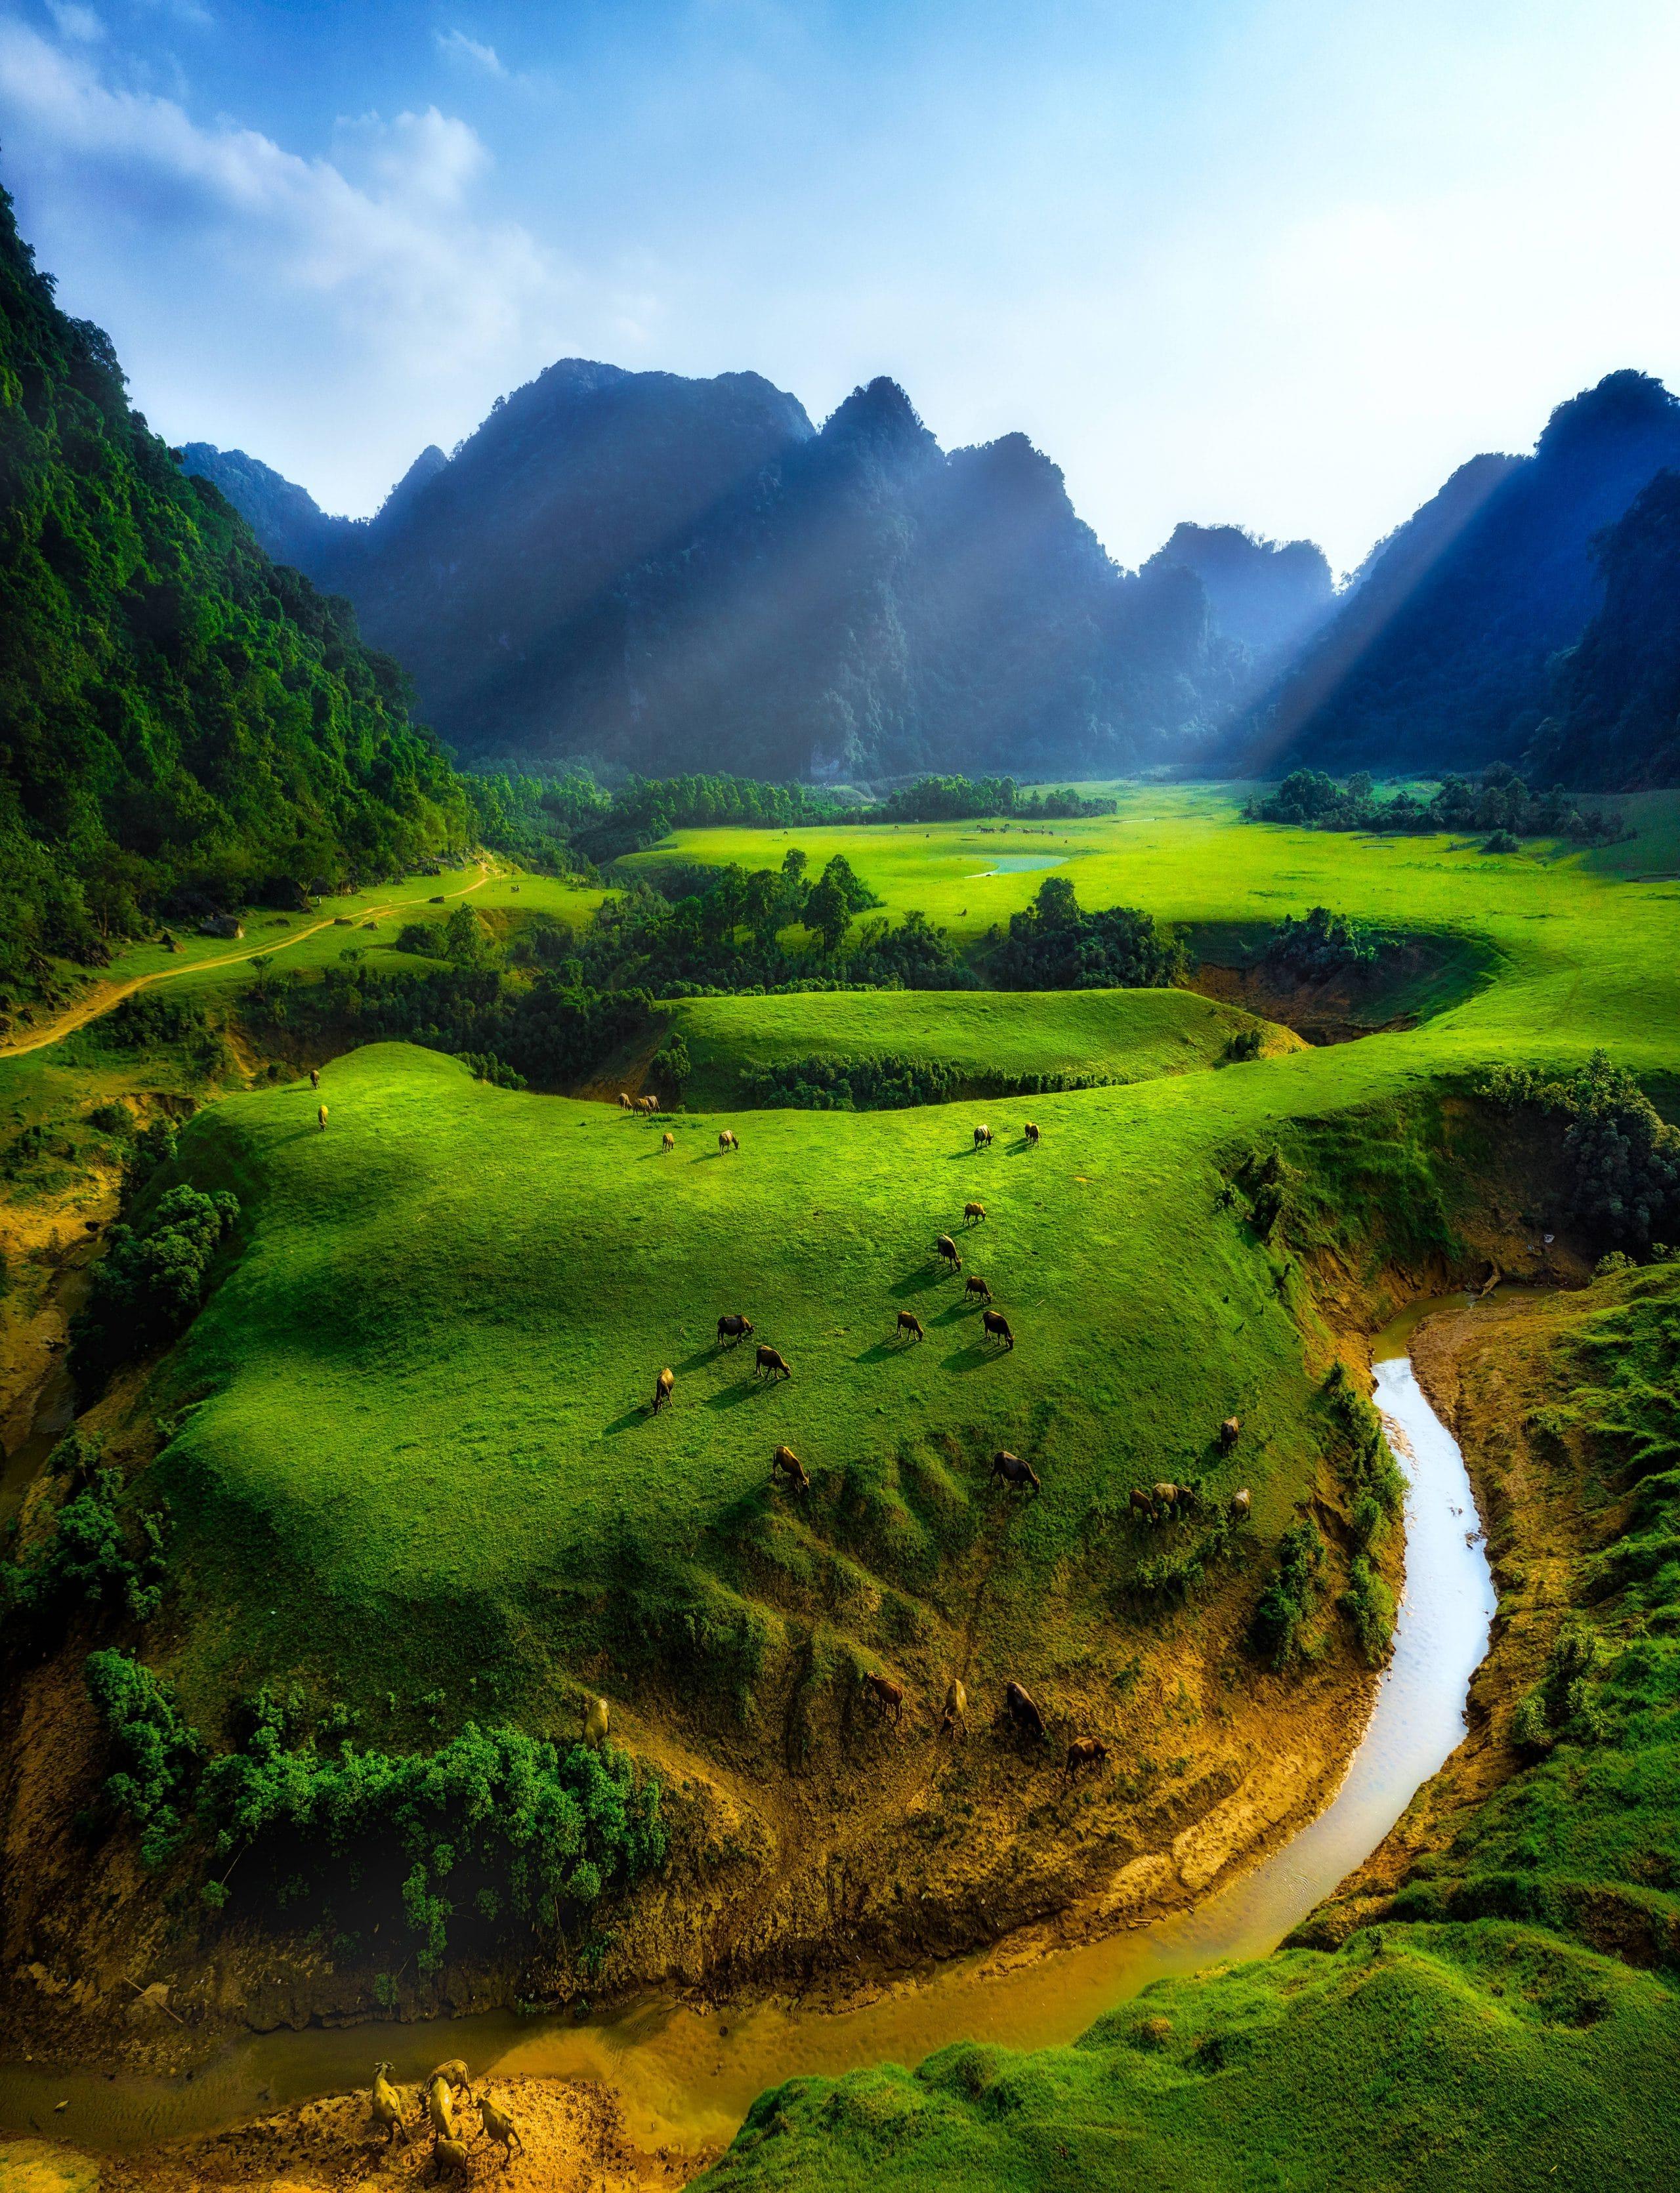 254 – Thảo Nguyên Xanh Đồng Lâm – Nguyễn Minh Tiến